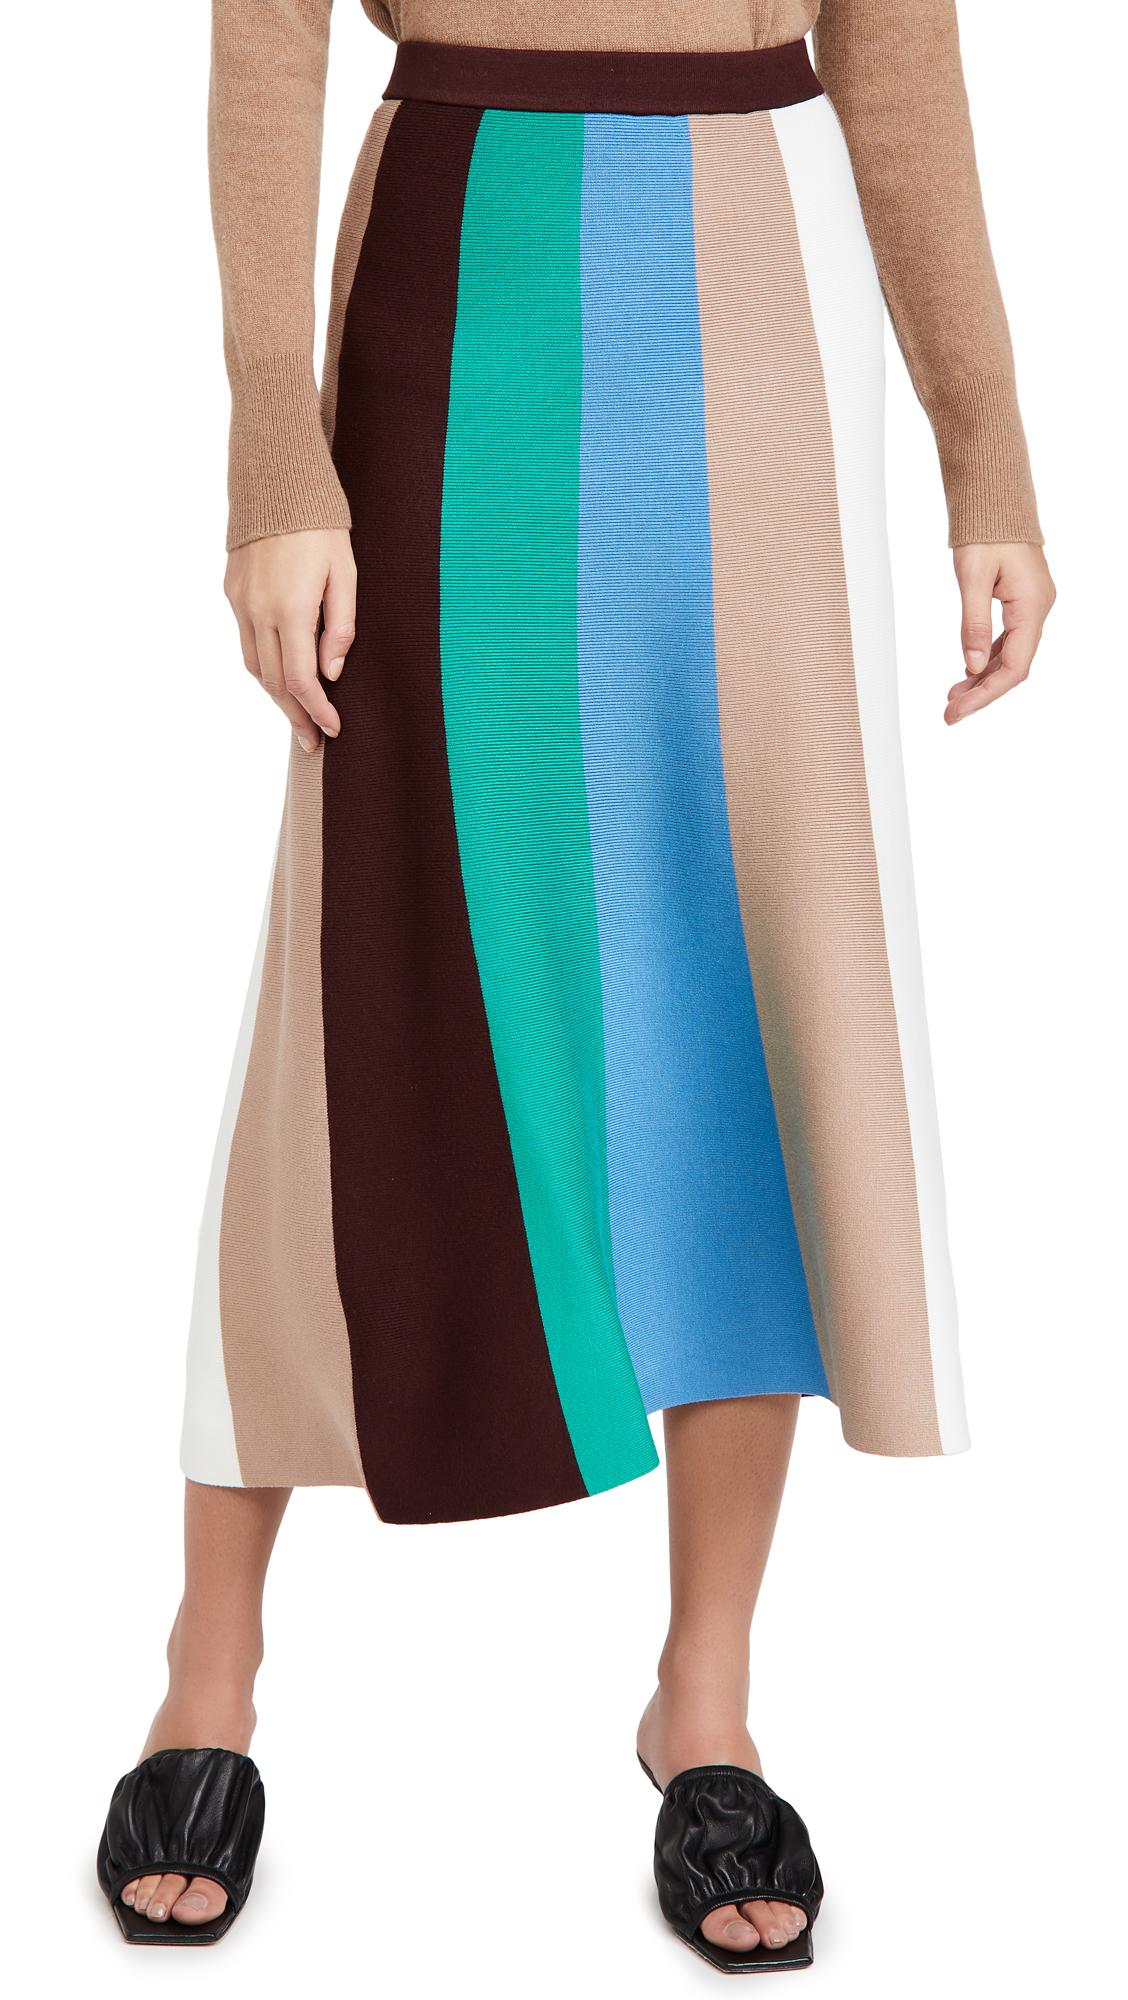 Victoria Victoria Beckham Block Stripe Knitted Skirt